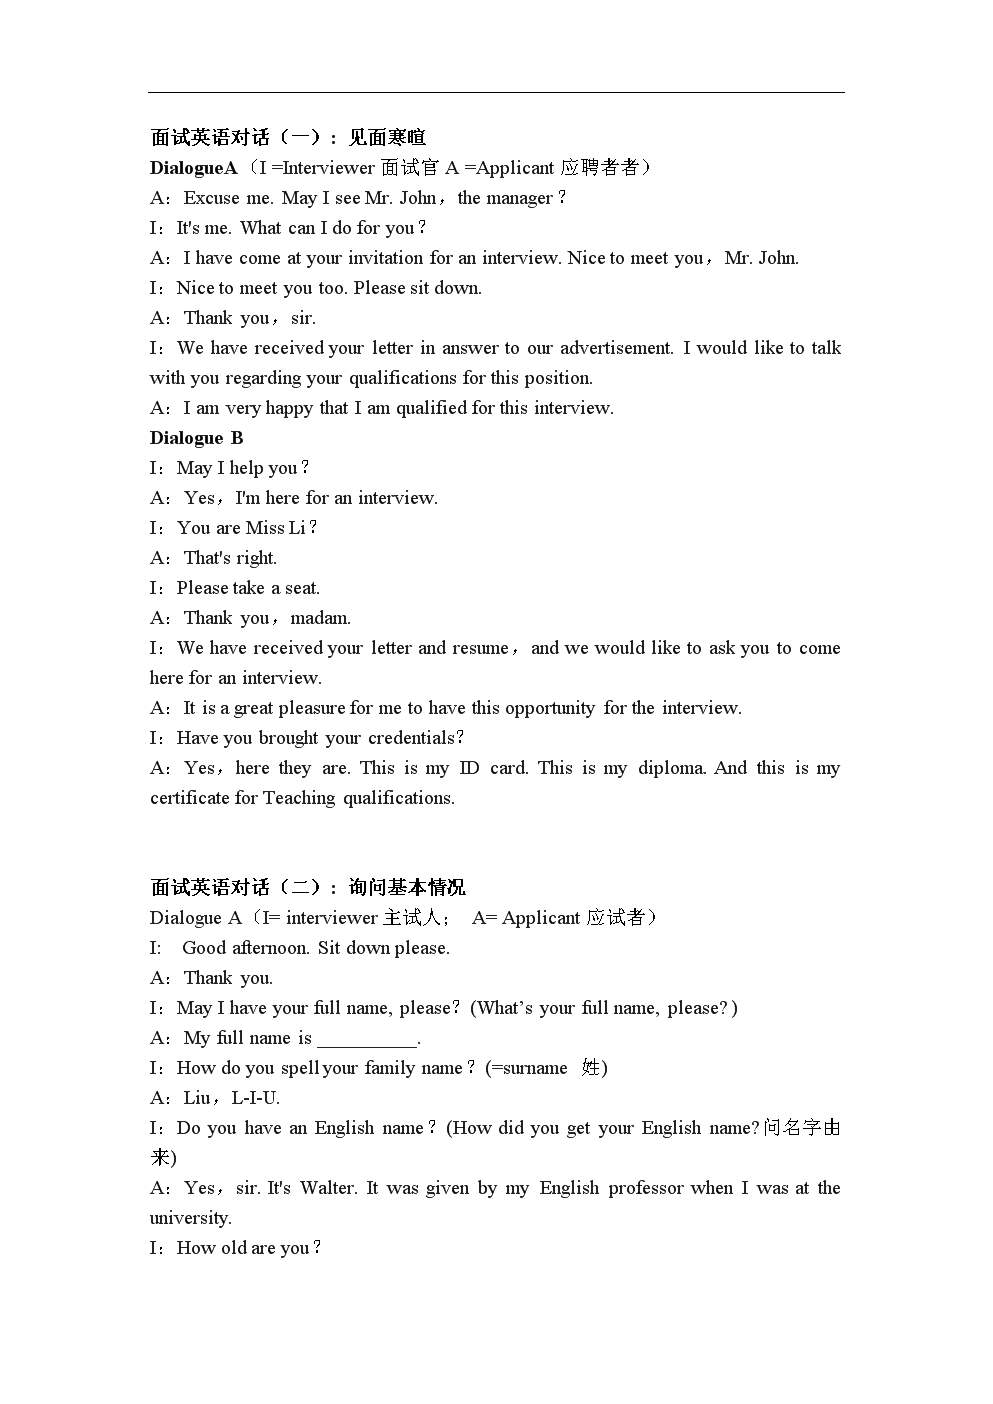 英语面试常见提问与回答.doc